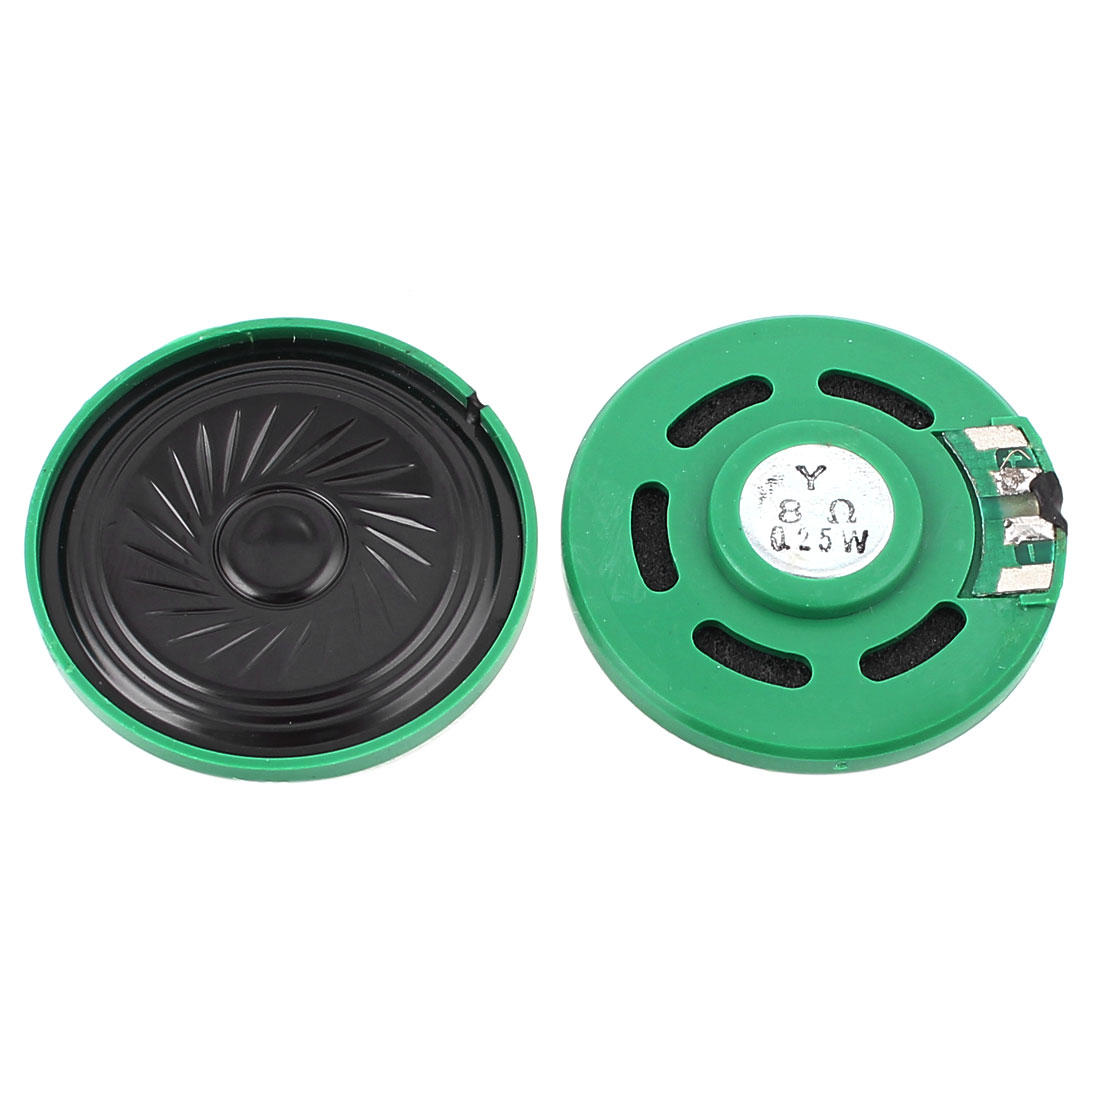 2 Pcs 0.25W 8 Ohm 40mm Inside Magnet Electronic Speaker Loudspeaker Green